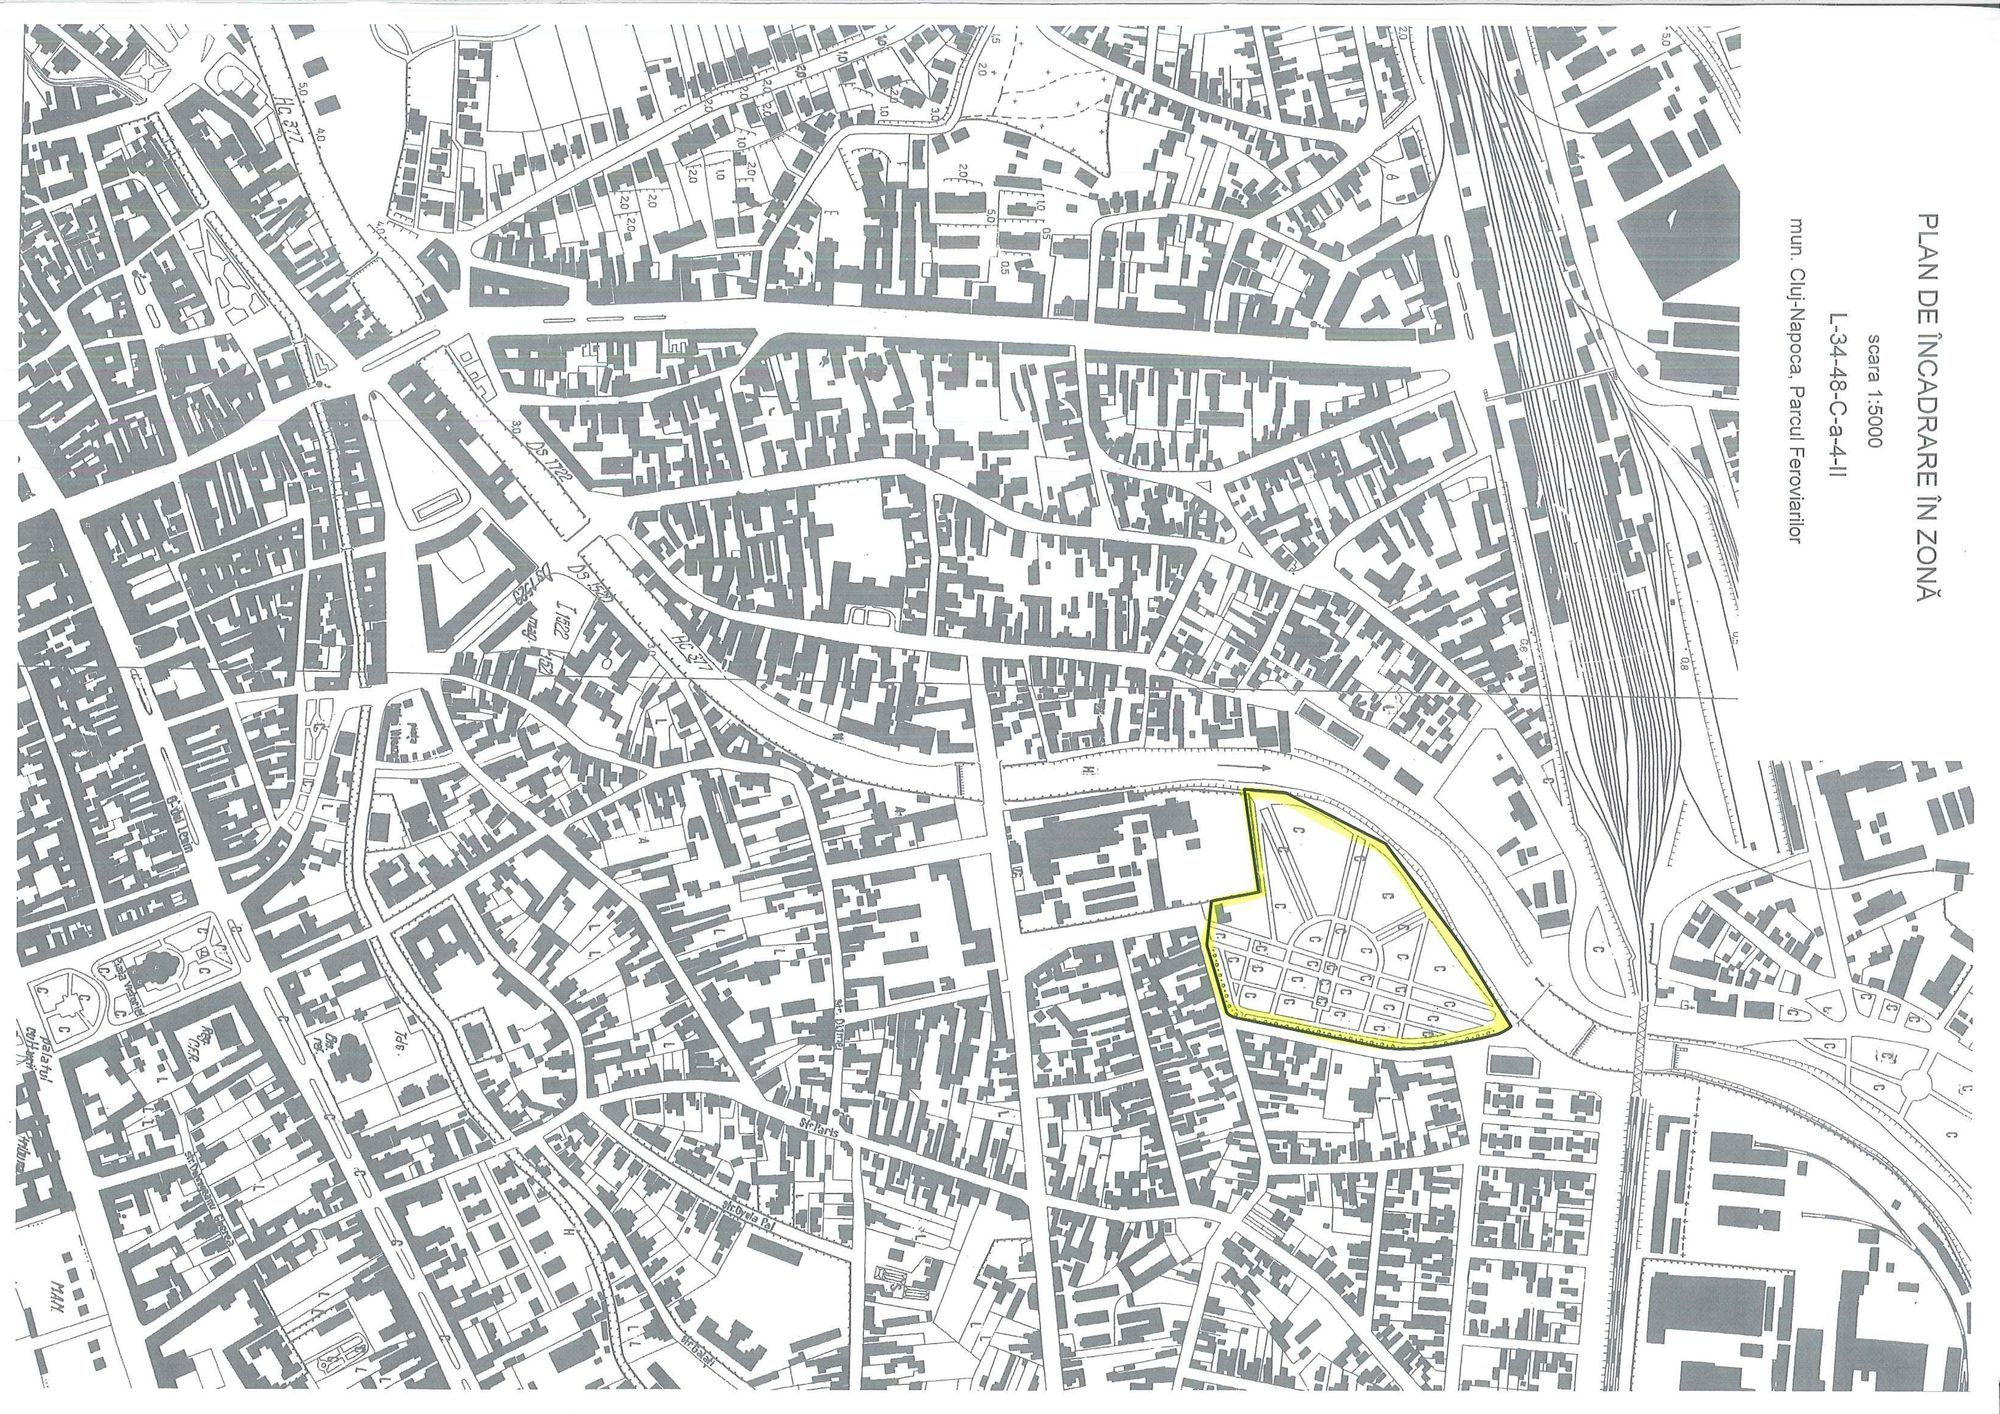 Planul de încadrare în zonă a Parcului Feroviarilor. Foto: OAR